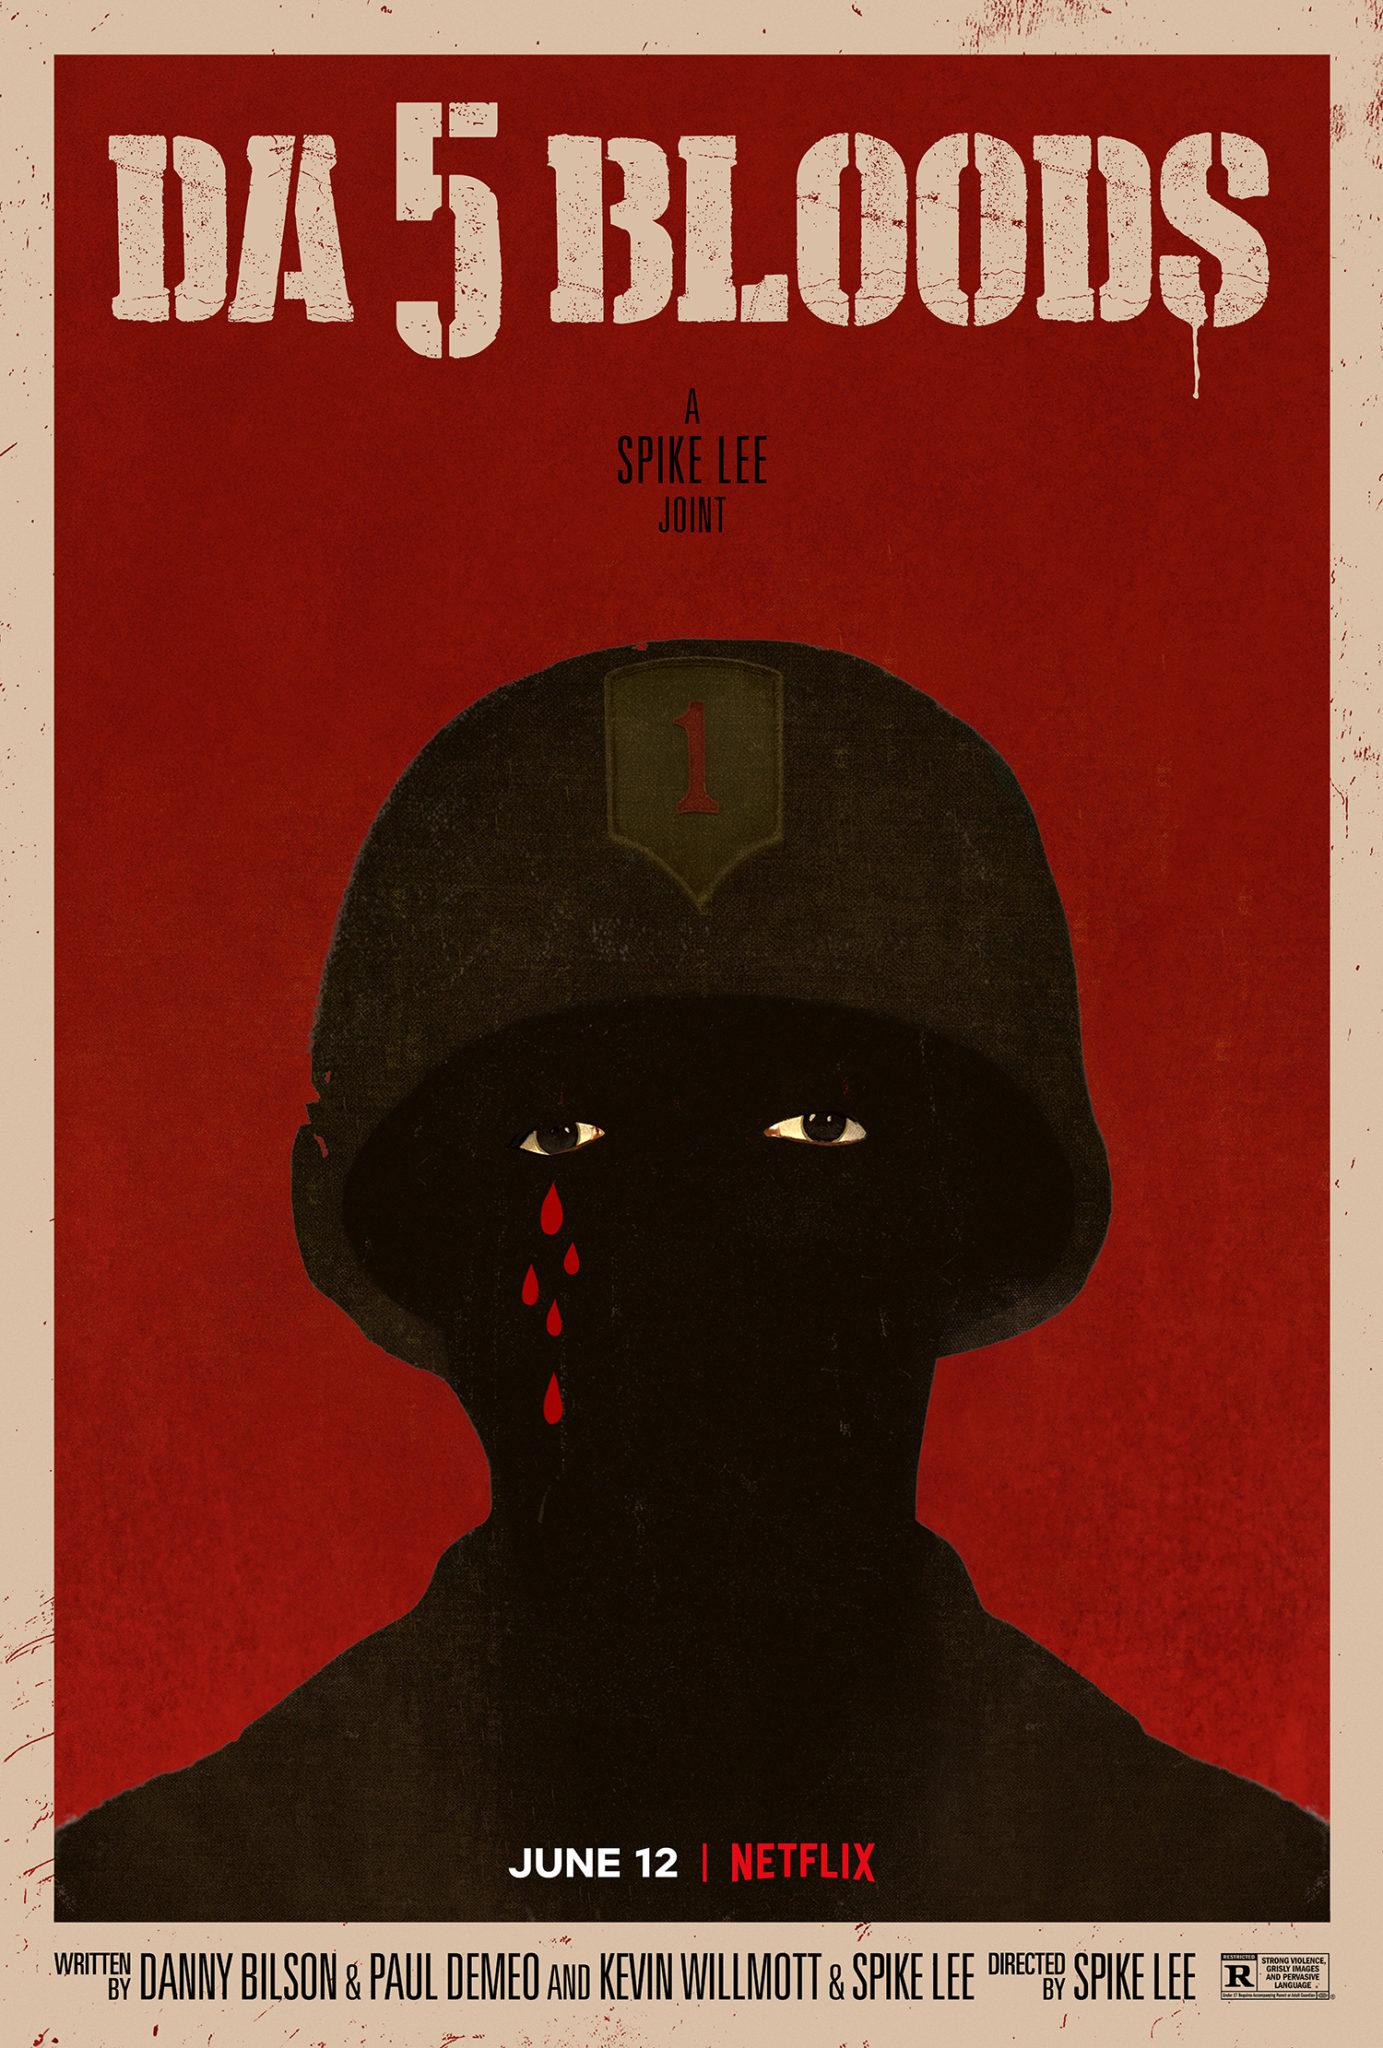 Das Poster zum Netflix-Original Da 5 Bloods